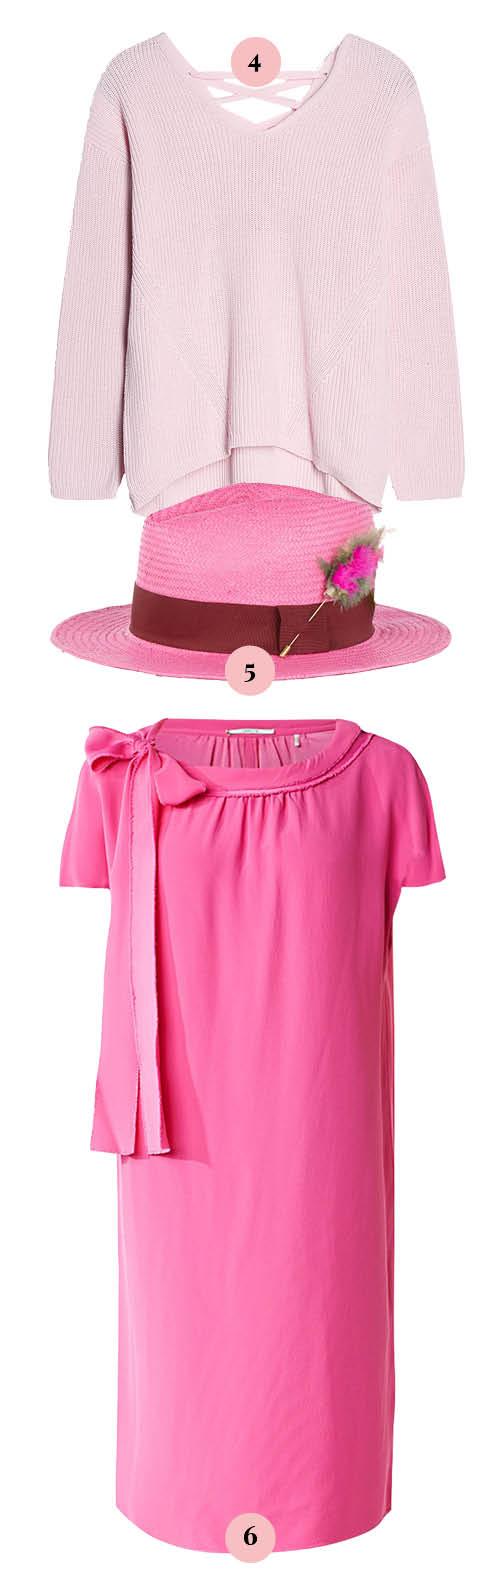 f19_jolandas-look-pink_ap2